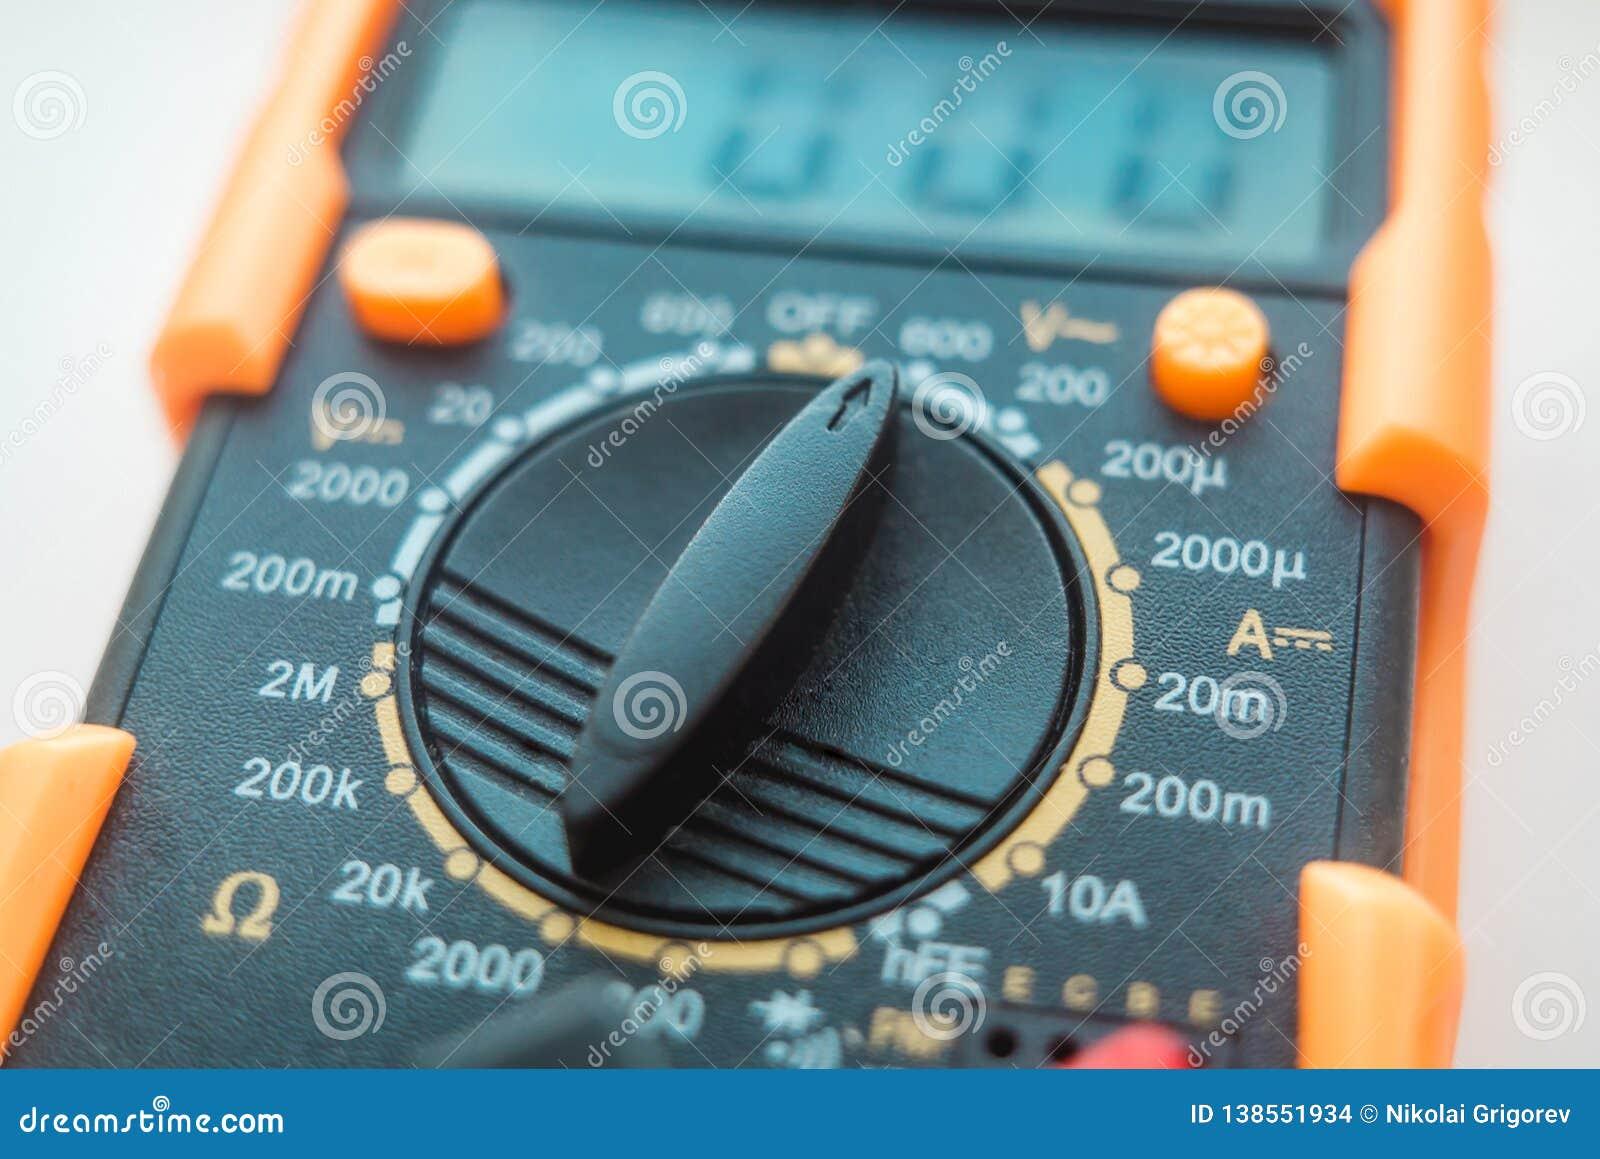 De foto van het apparaat voor meting van stroom en spanning van elektriciteit